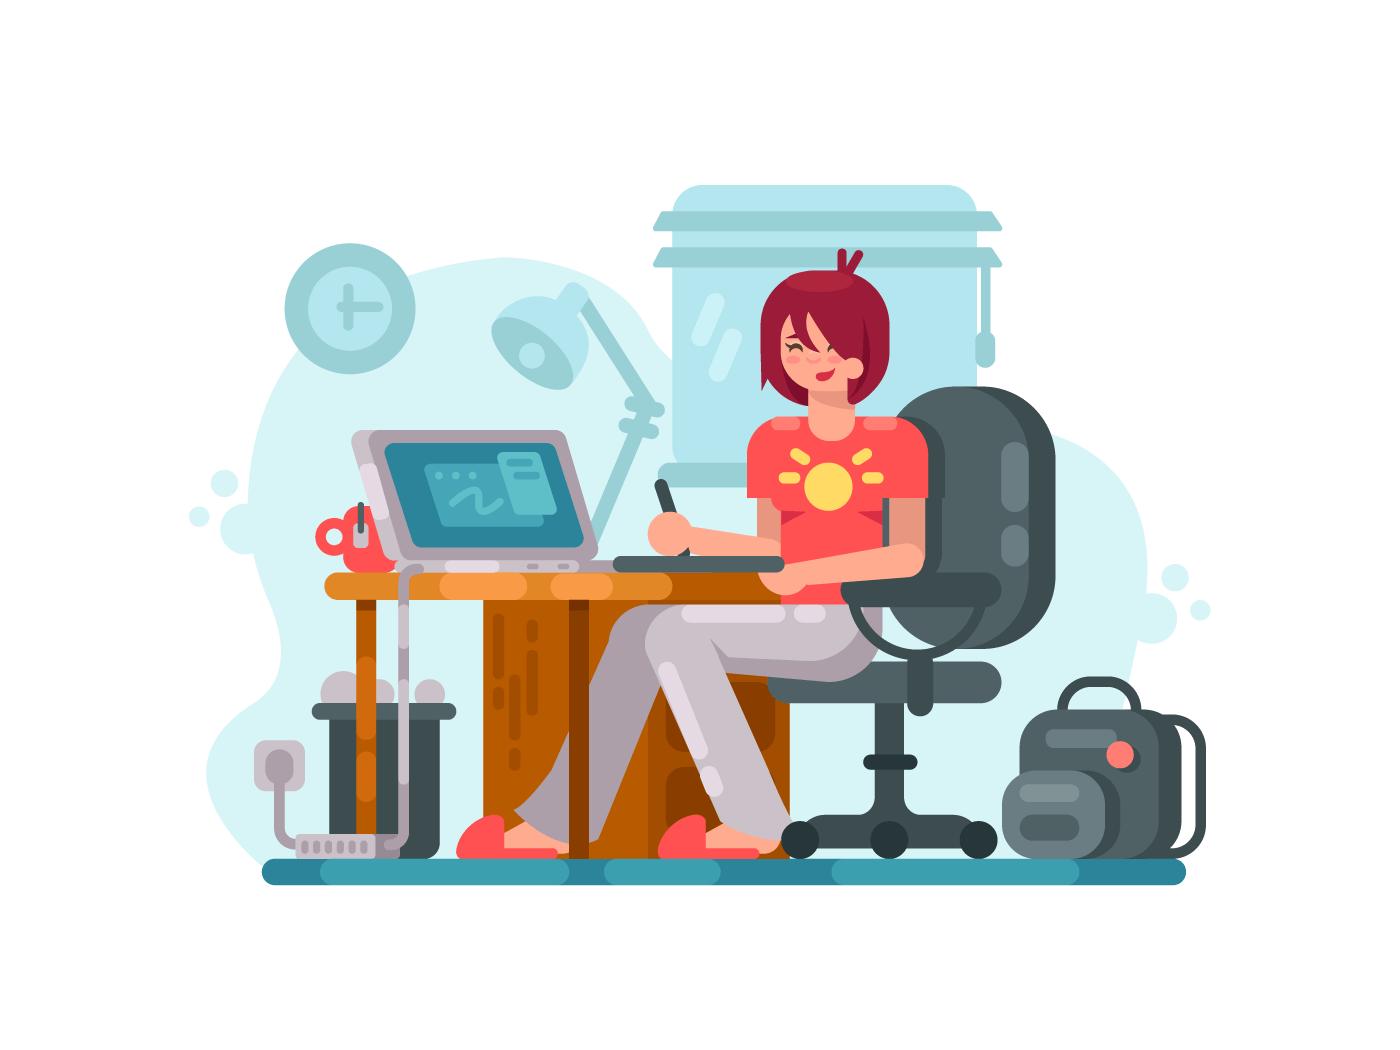 Girl designer at workplace illustration